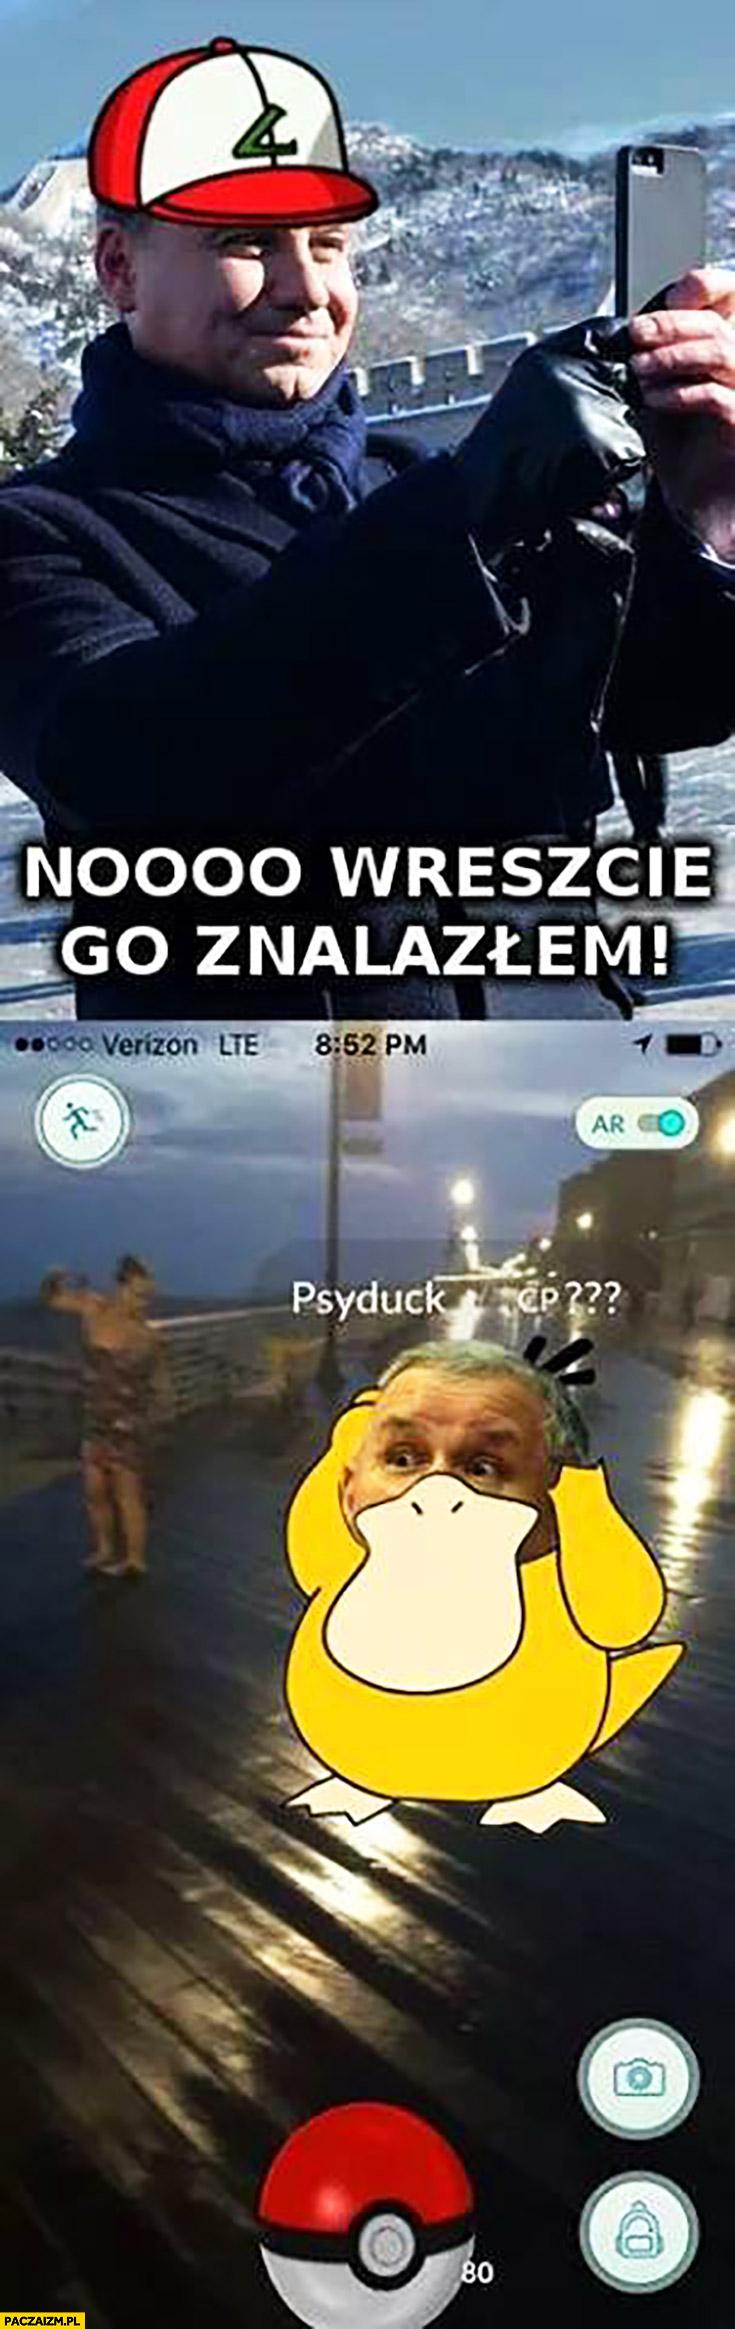 Wreszcie go znalazłem Jarosław Kaczyński Psyduck Andrzej Duda gra w Pokemon GO